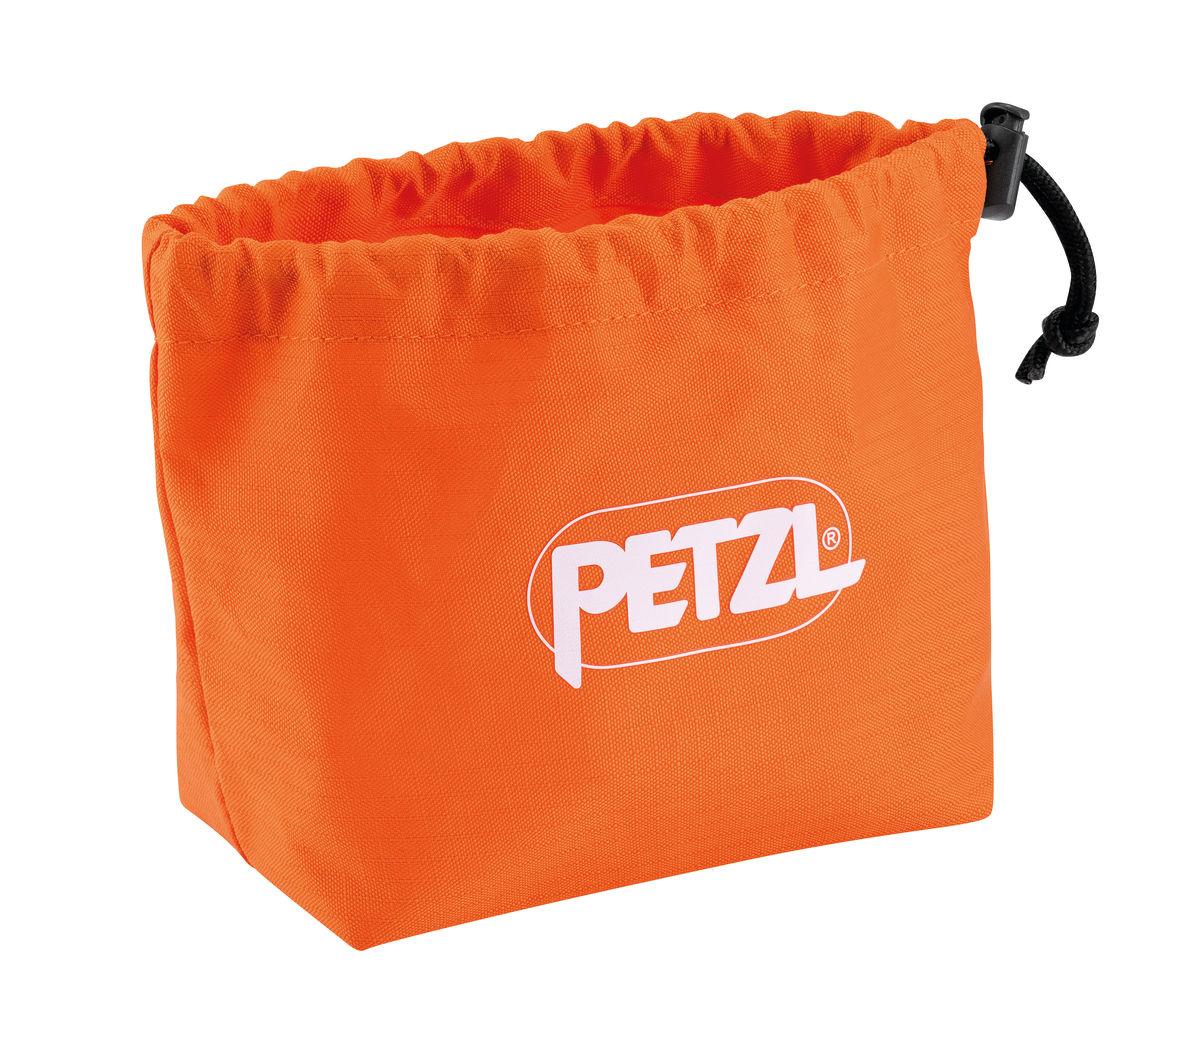 CORD-TEC pouch